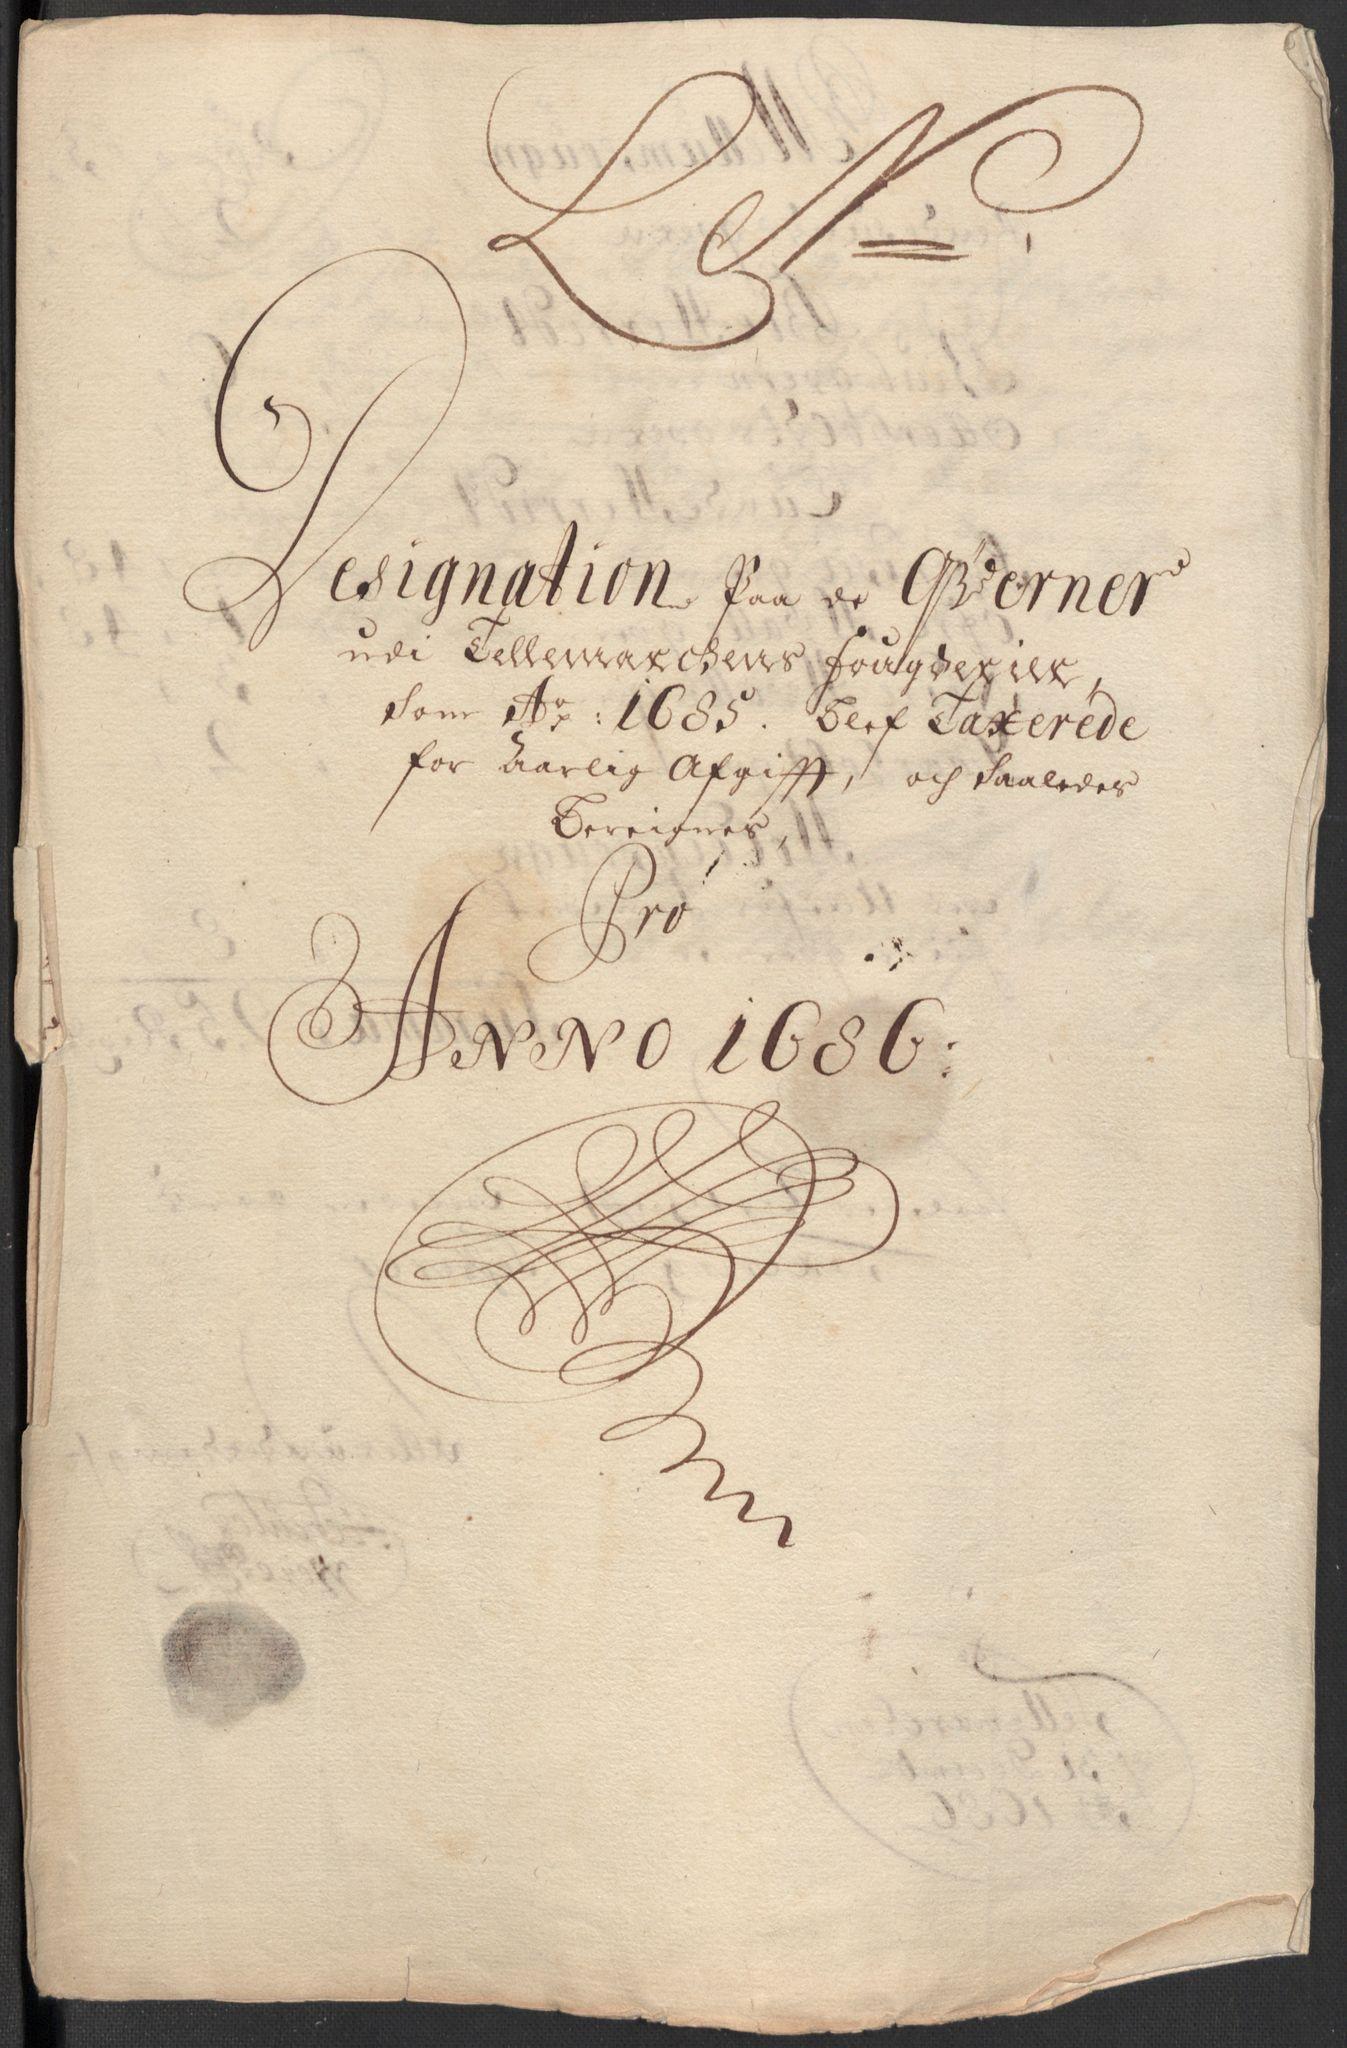 RA, Rentekammeret inntil 1814, Reviderte regnskaper, Fogderegnskap, R35/L2083: Fogderegnskap Øvre og Nedre Telemark, 1686, s. 317